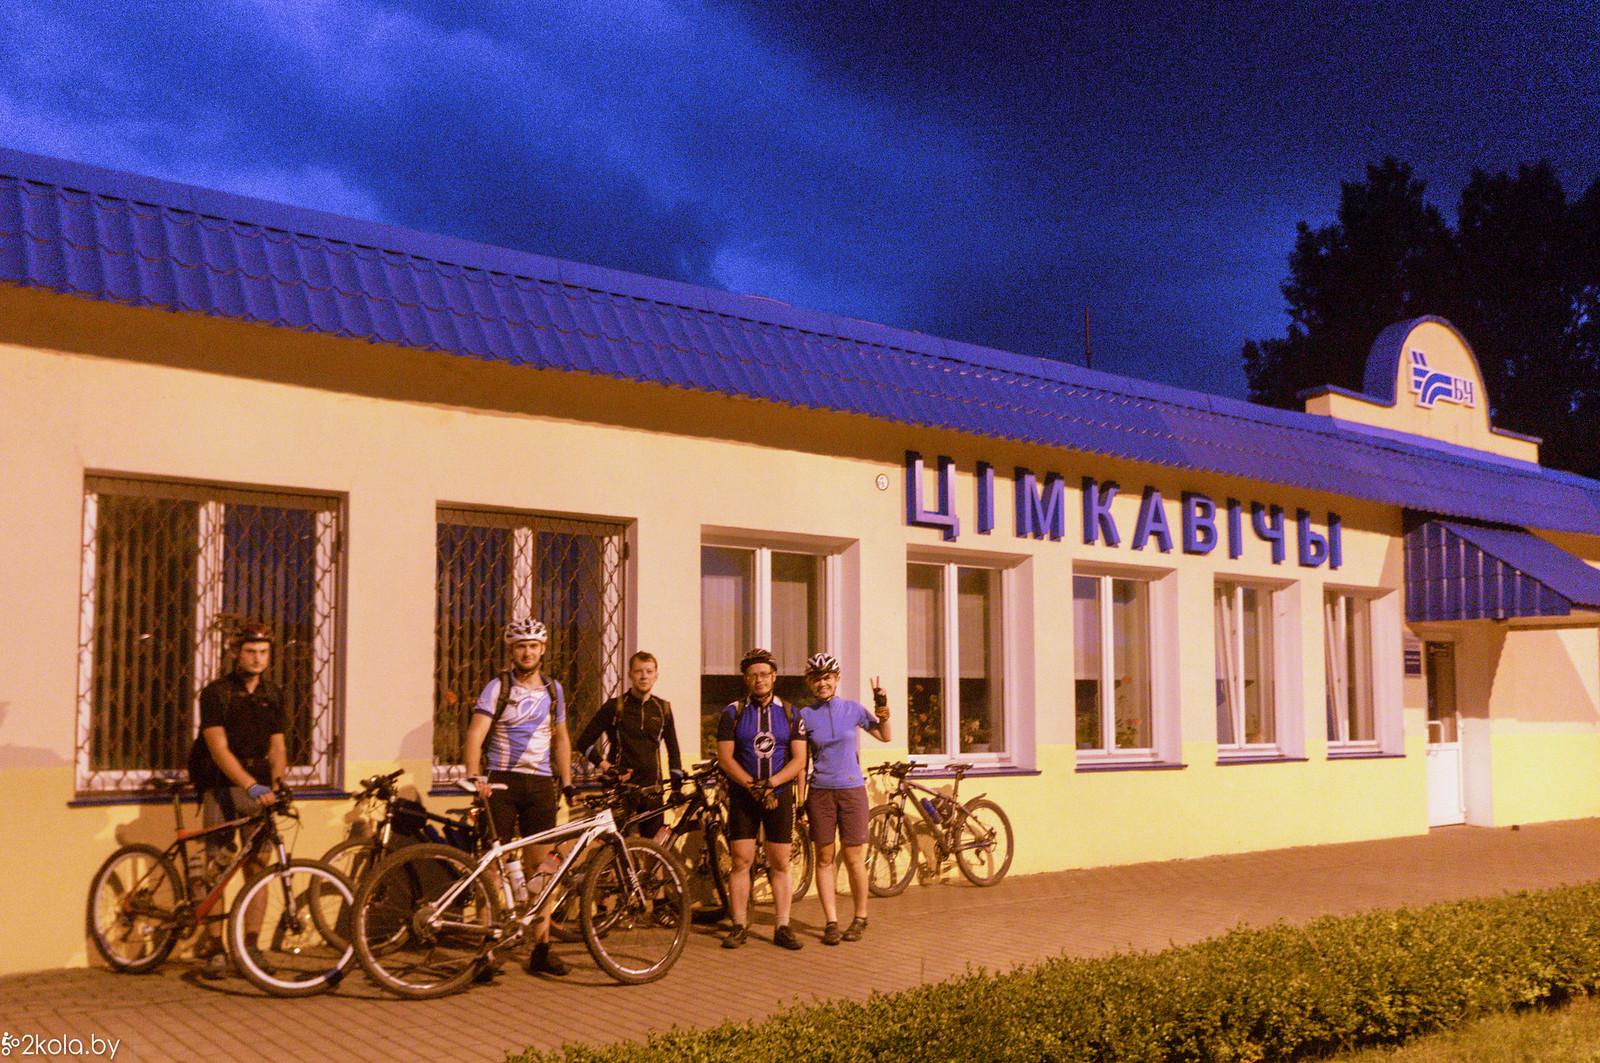 36002539810 eb2ae9b122 h - Ночная велопокатушка 2017 (Тимковичи - Люща)